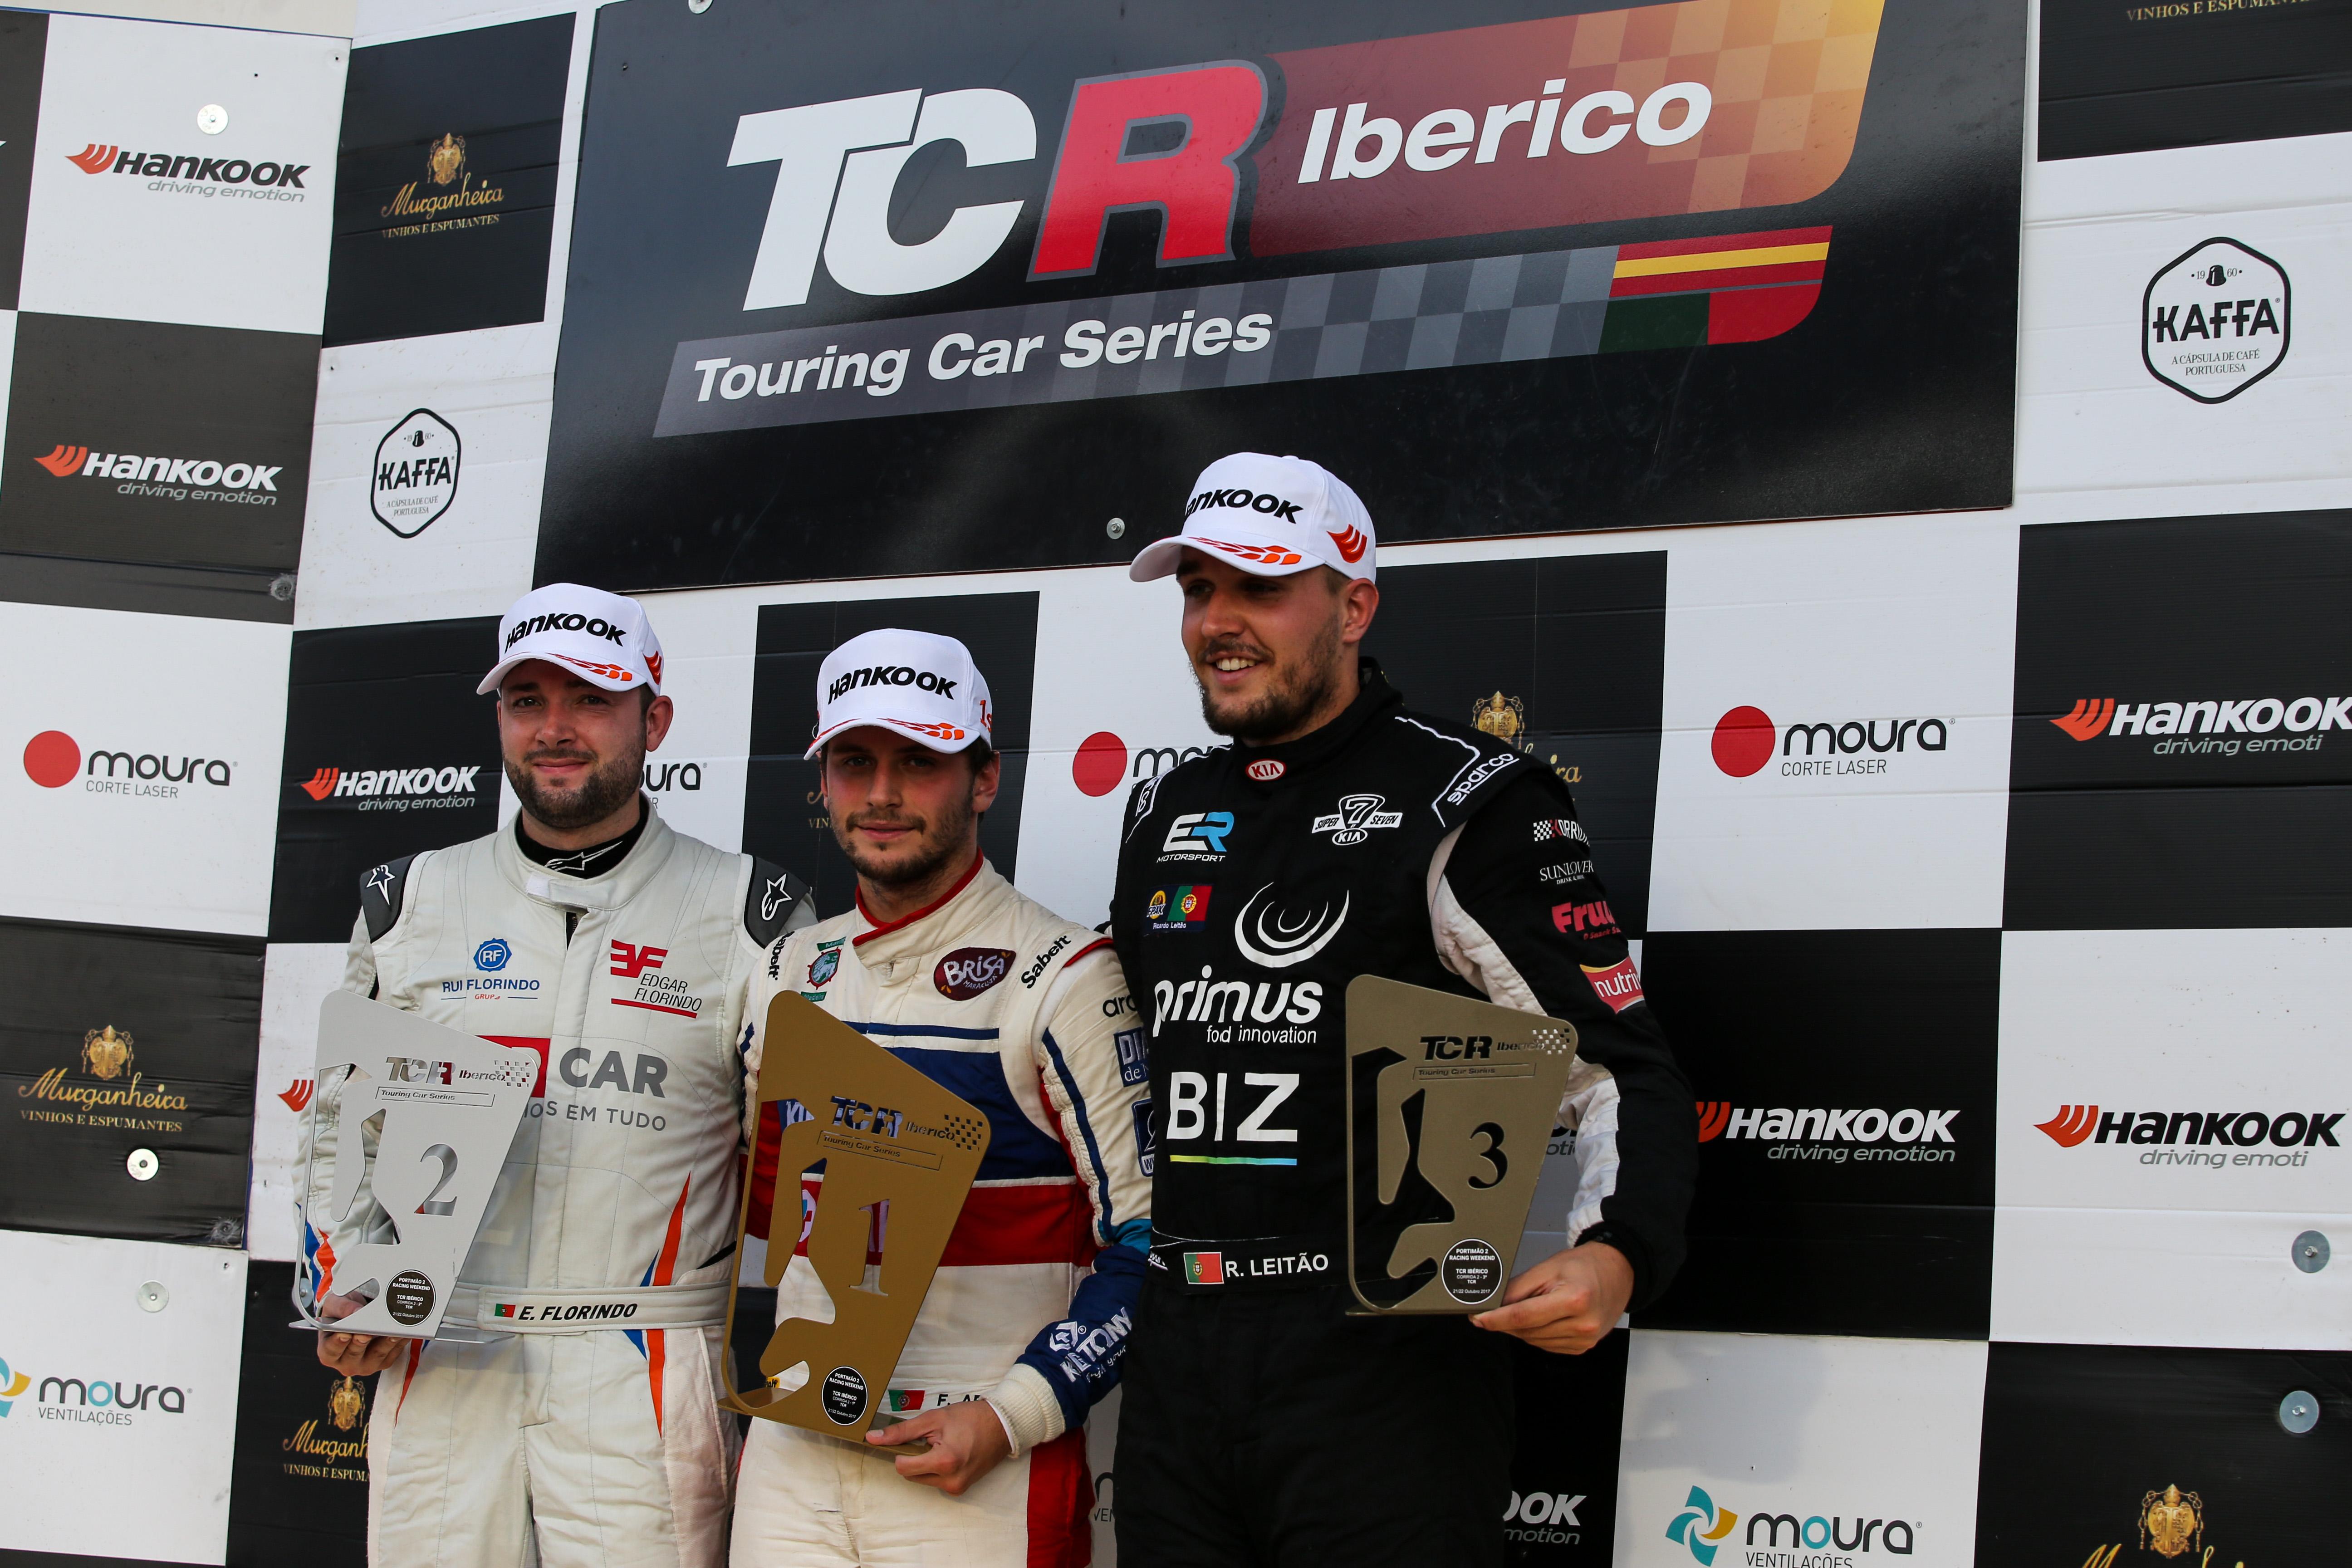 portimao podium2